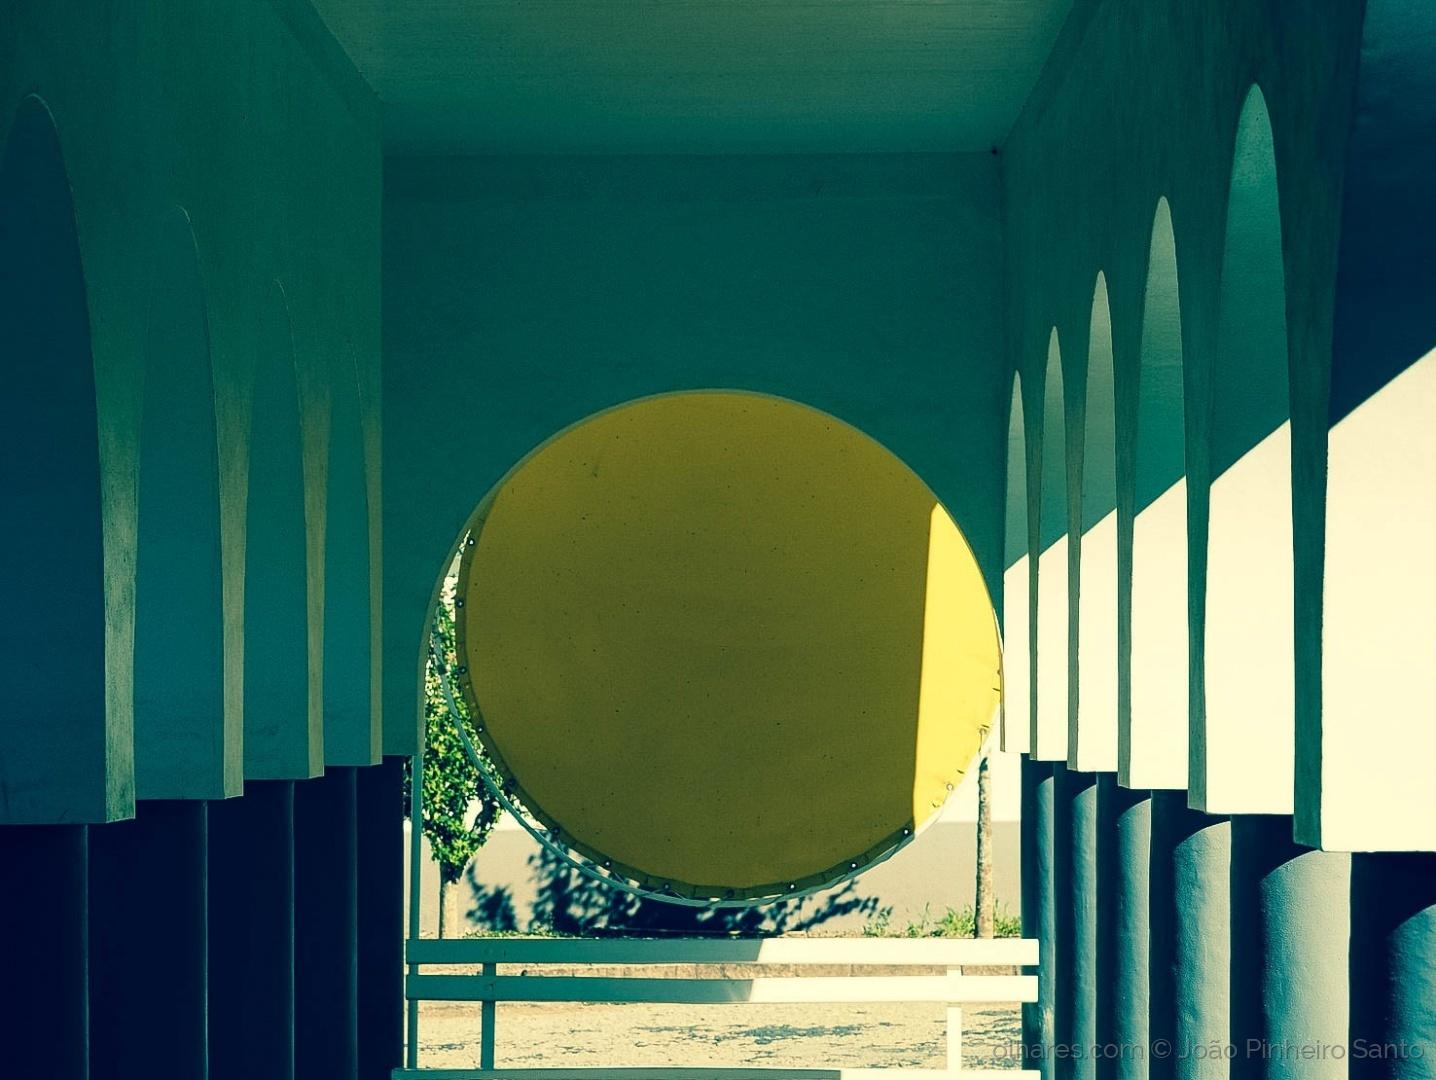 Abstrato/Sincronias geométricas!!